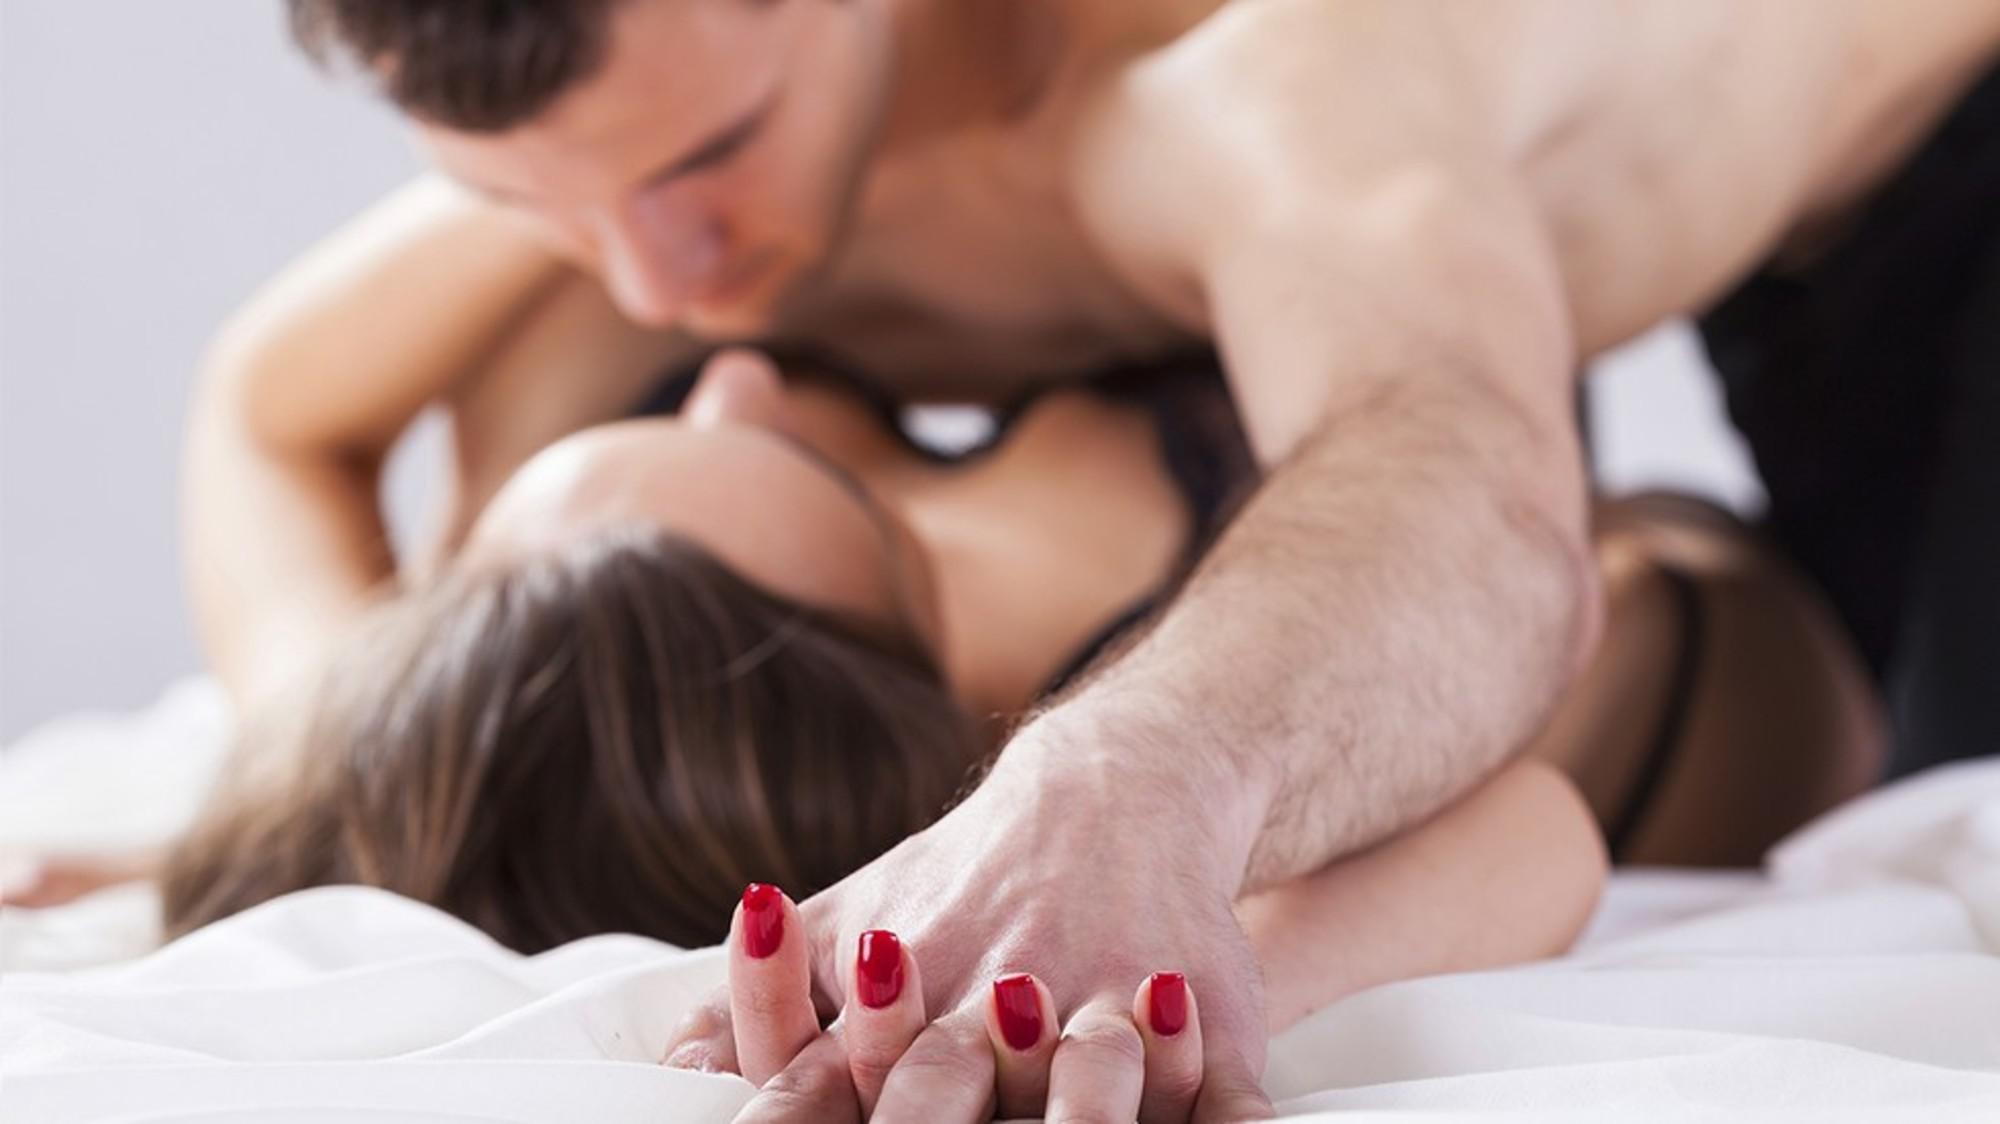 Просмотор бесплатно секс, Порно видео онлайн бесплатно без регистрации 8 фотография